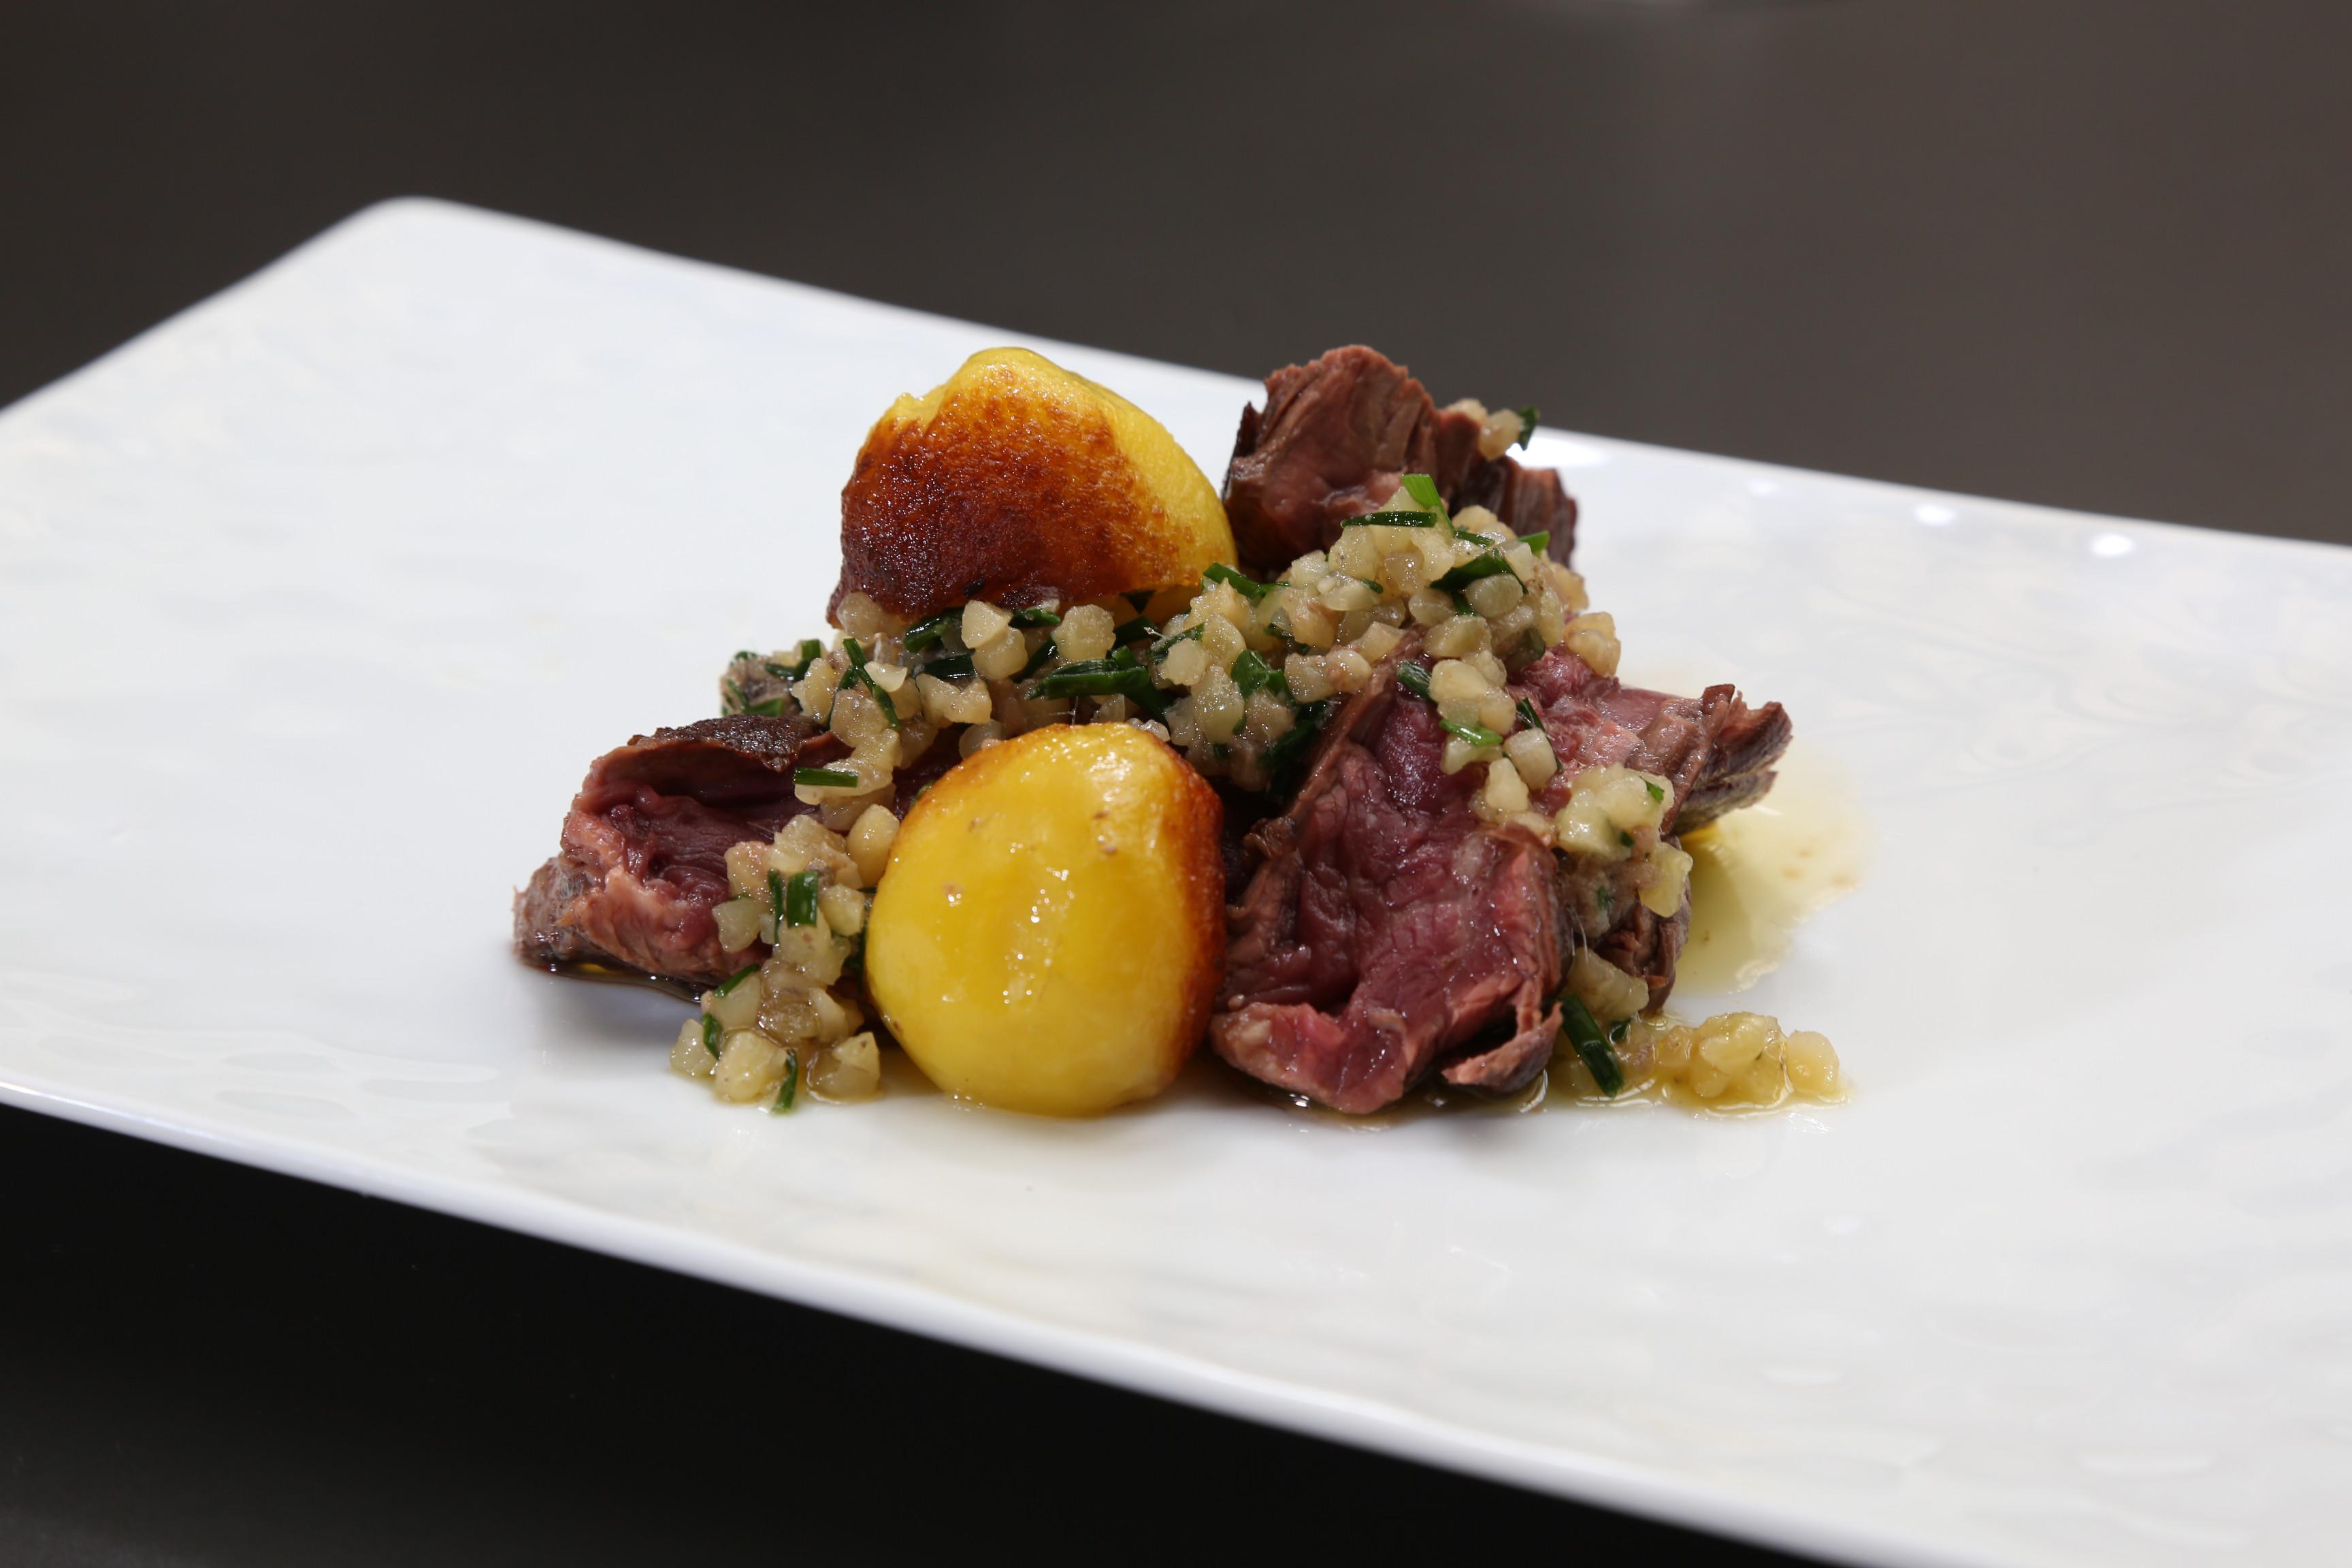 Onglet au beurre d 39 anchois et pommes de terre nouvelles de florent ladeyn finaliste top chef - Pomme de terre au beurre ...